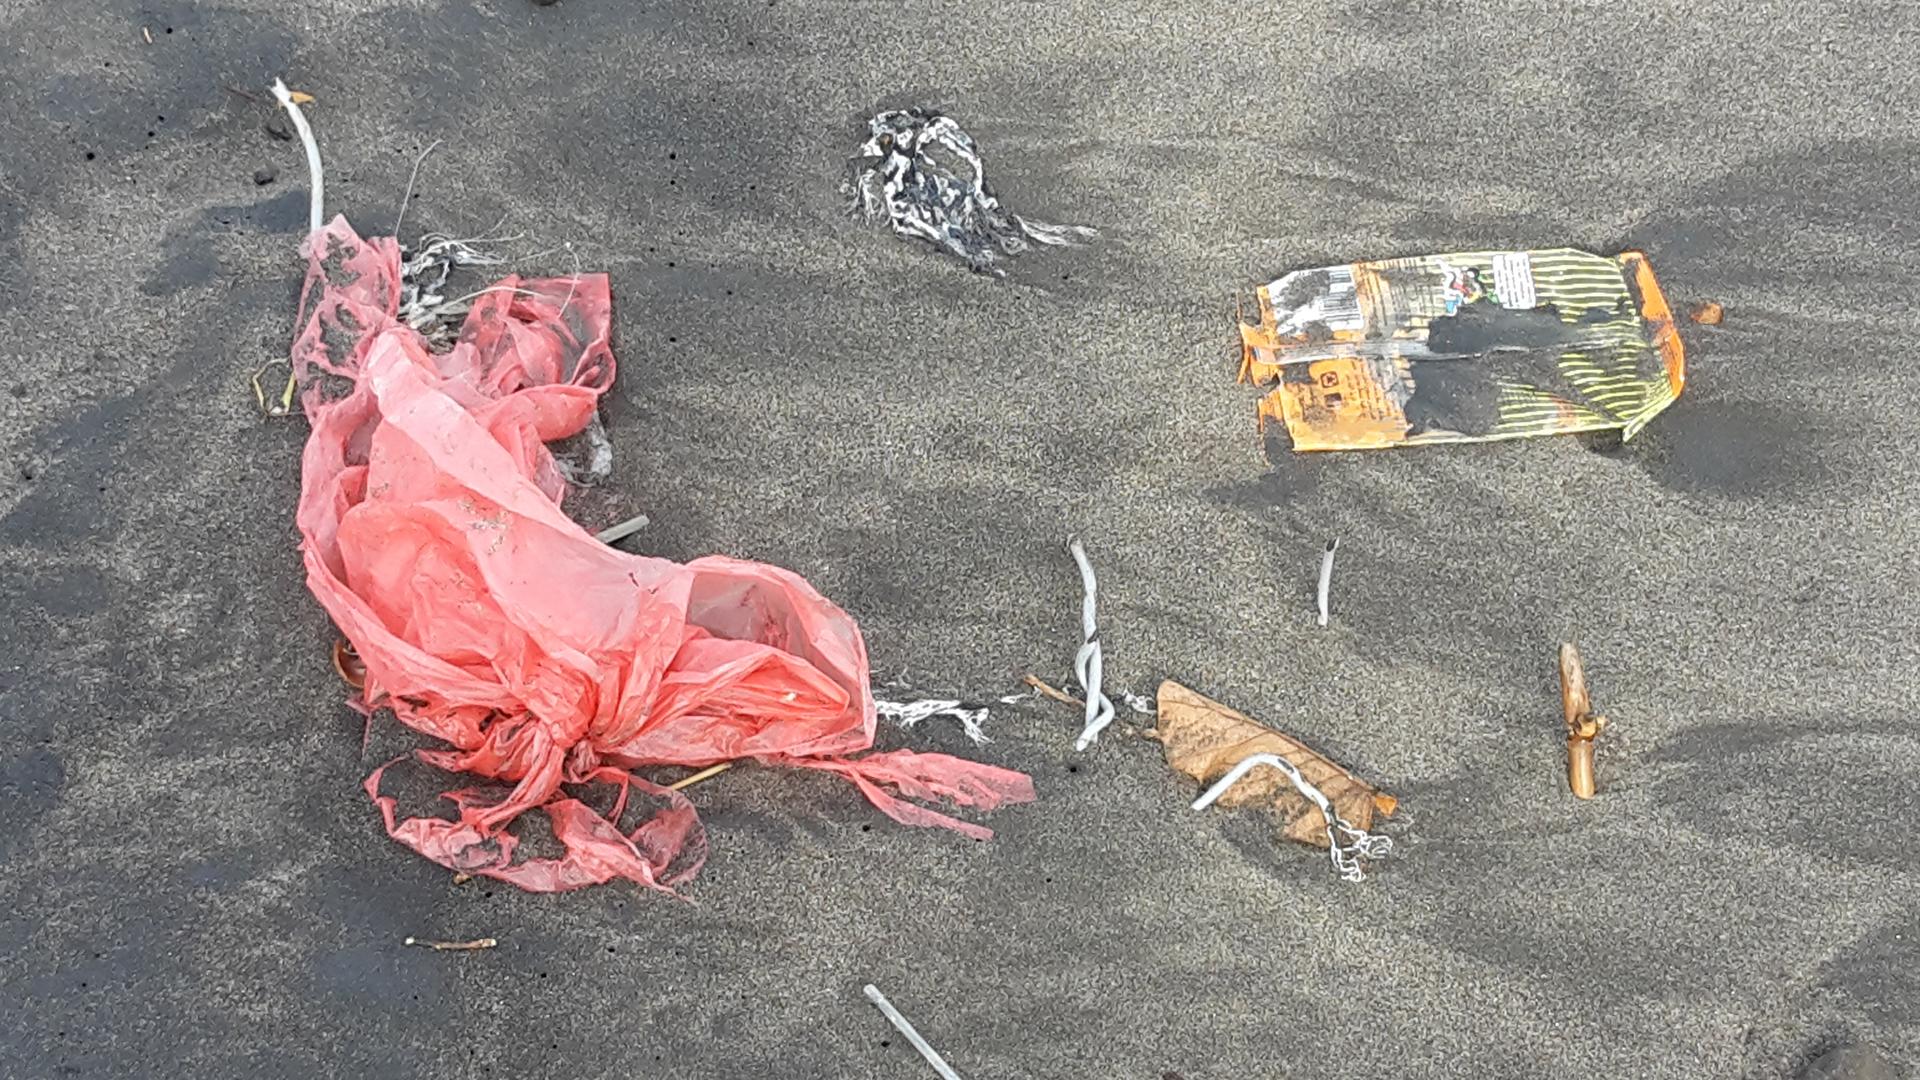 Strand in Canggu auf Bali: Eine Plastiktüte und weiterer Plastikmüll aus dem Meer, angespült zur Regenzeit.